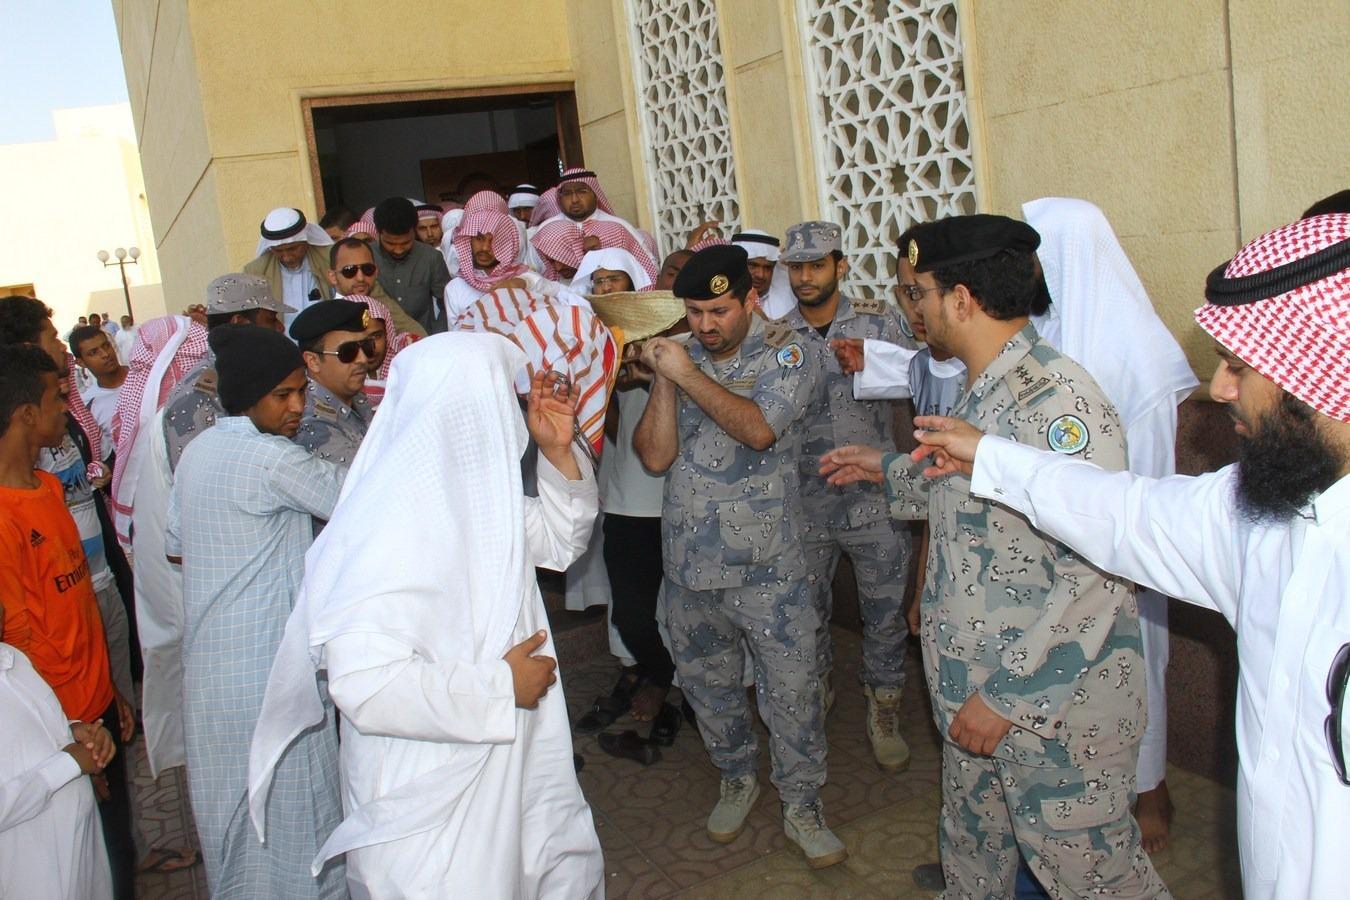 تشييع جثمان الشهيد خالد الشبيلي (2)